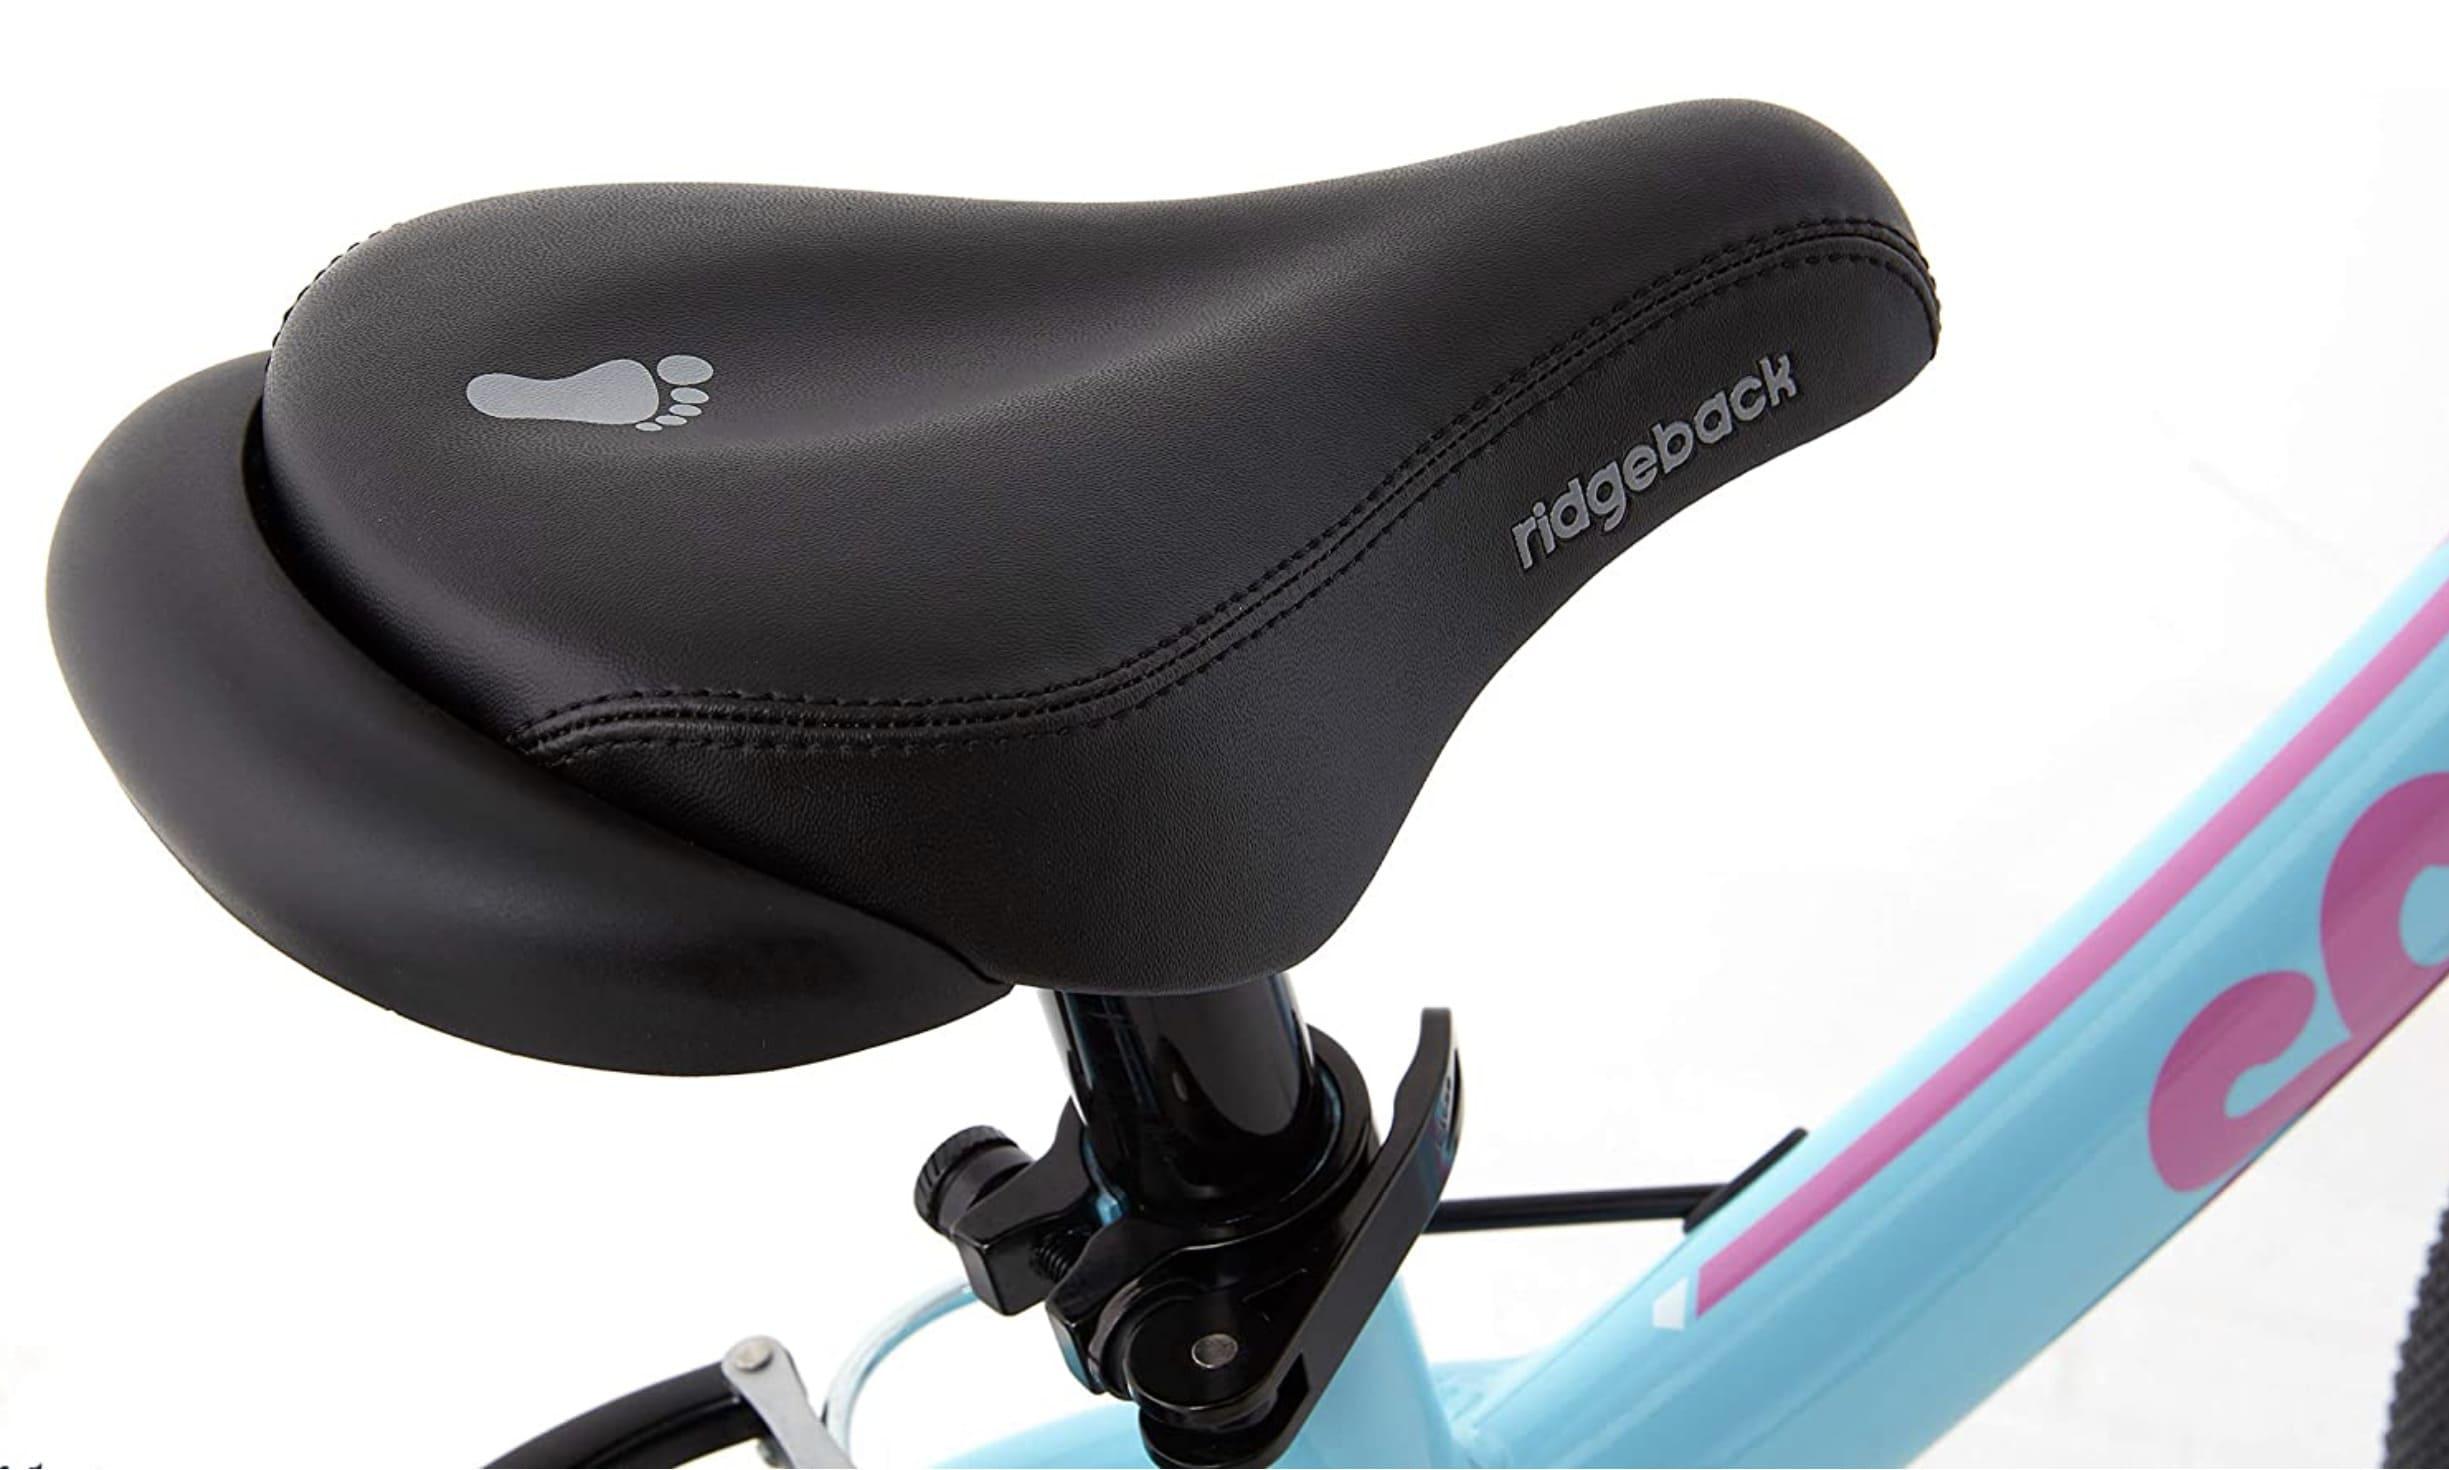 Asiento ajustable en altura de la bicicleta sen pedales Rigdeback XL